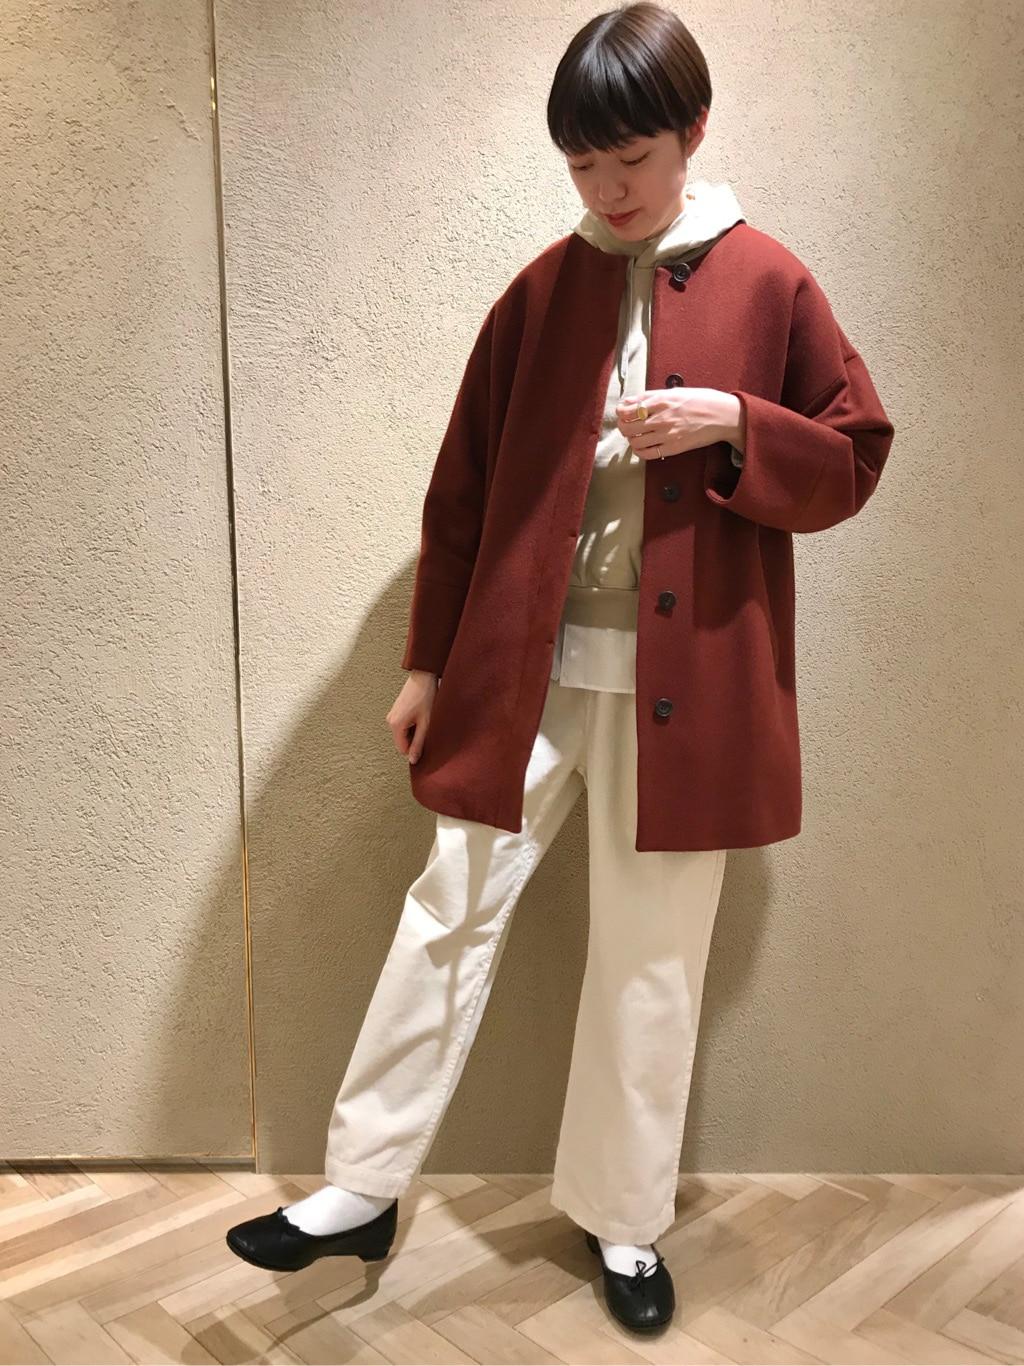 yuni ニュウマン横浜 身長:166cm 2020.12.23